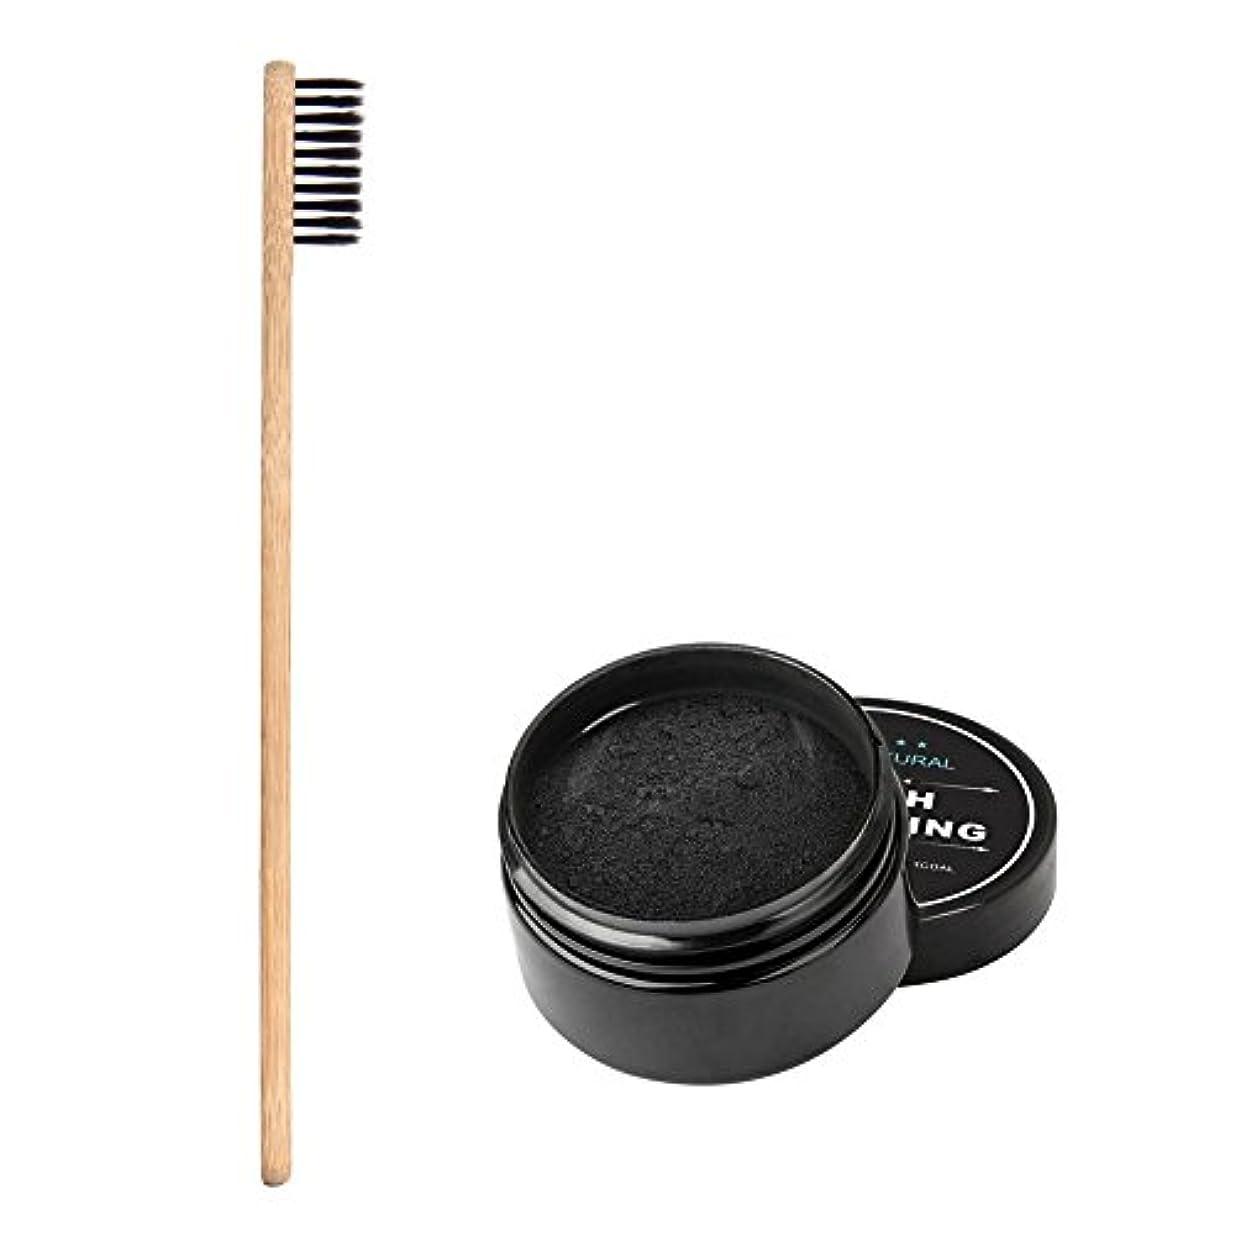 圧力確保するアンカー竹炭歯ブラシと歯のホワイトニング 竹炭 美白歯磨きパウダ【活性炭歯美白パウダー+竹炭歯ブラシ】